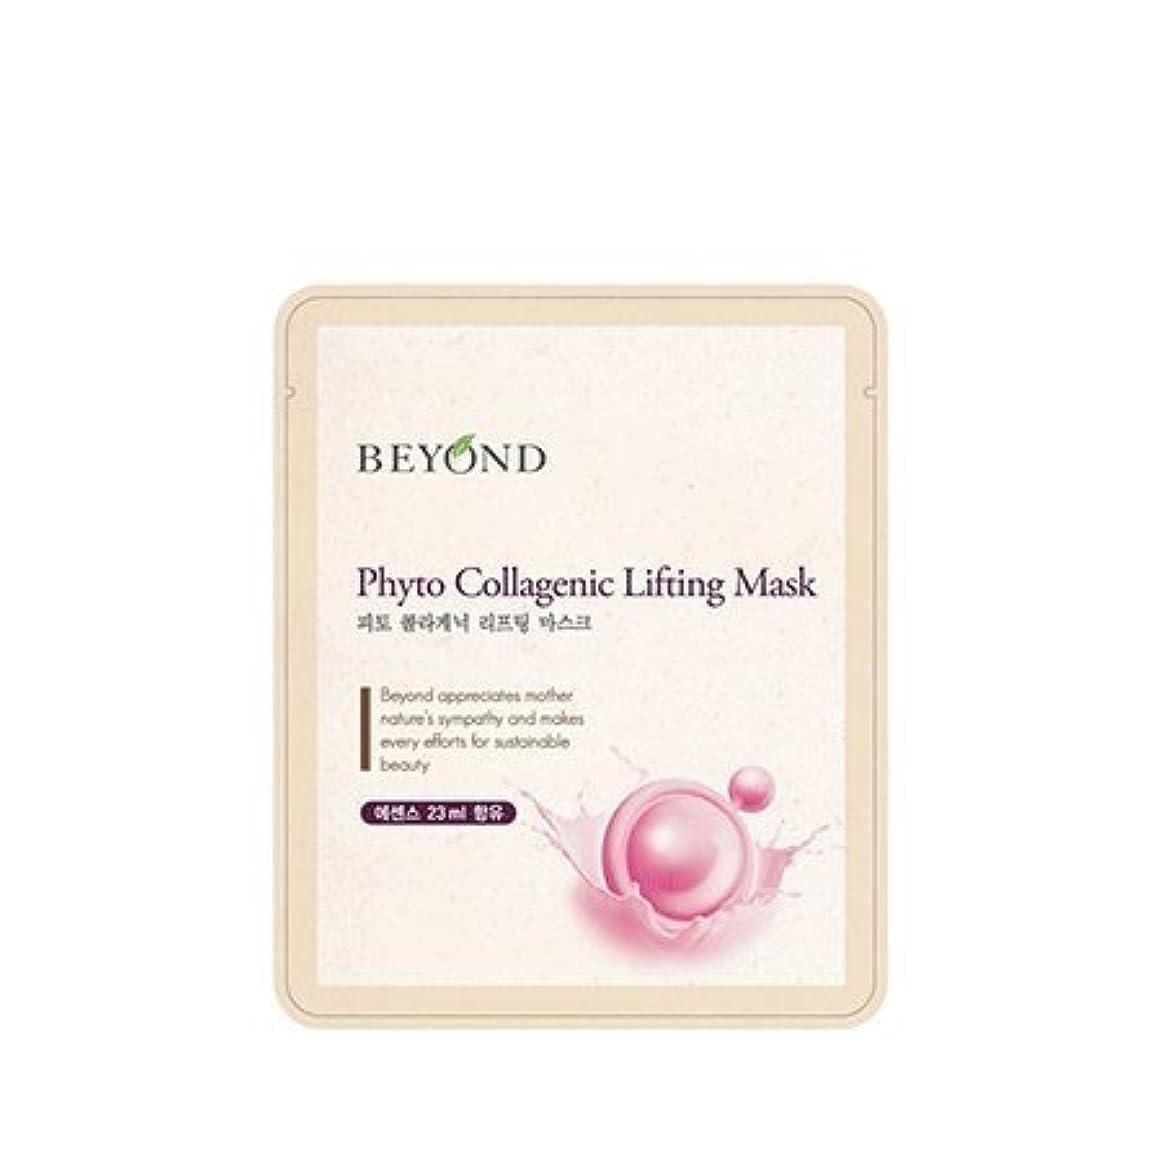 かもめの前でカウボーイBeyond mask sheet 5ea (Phyto Collagenic Lifting Mask)